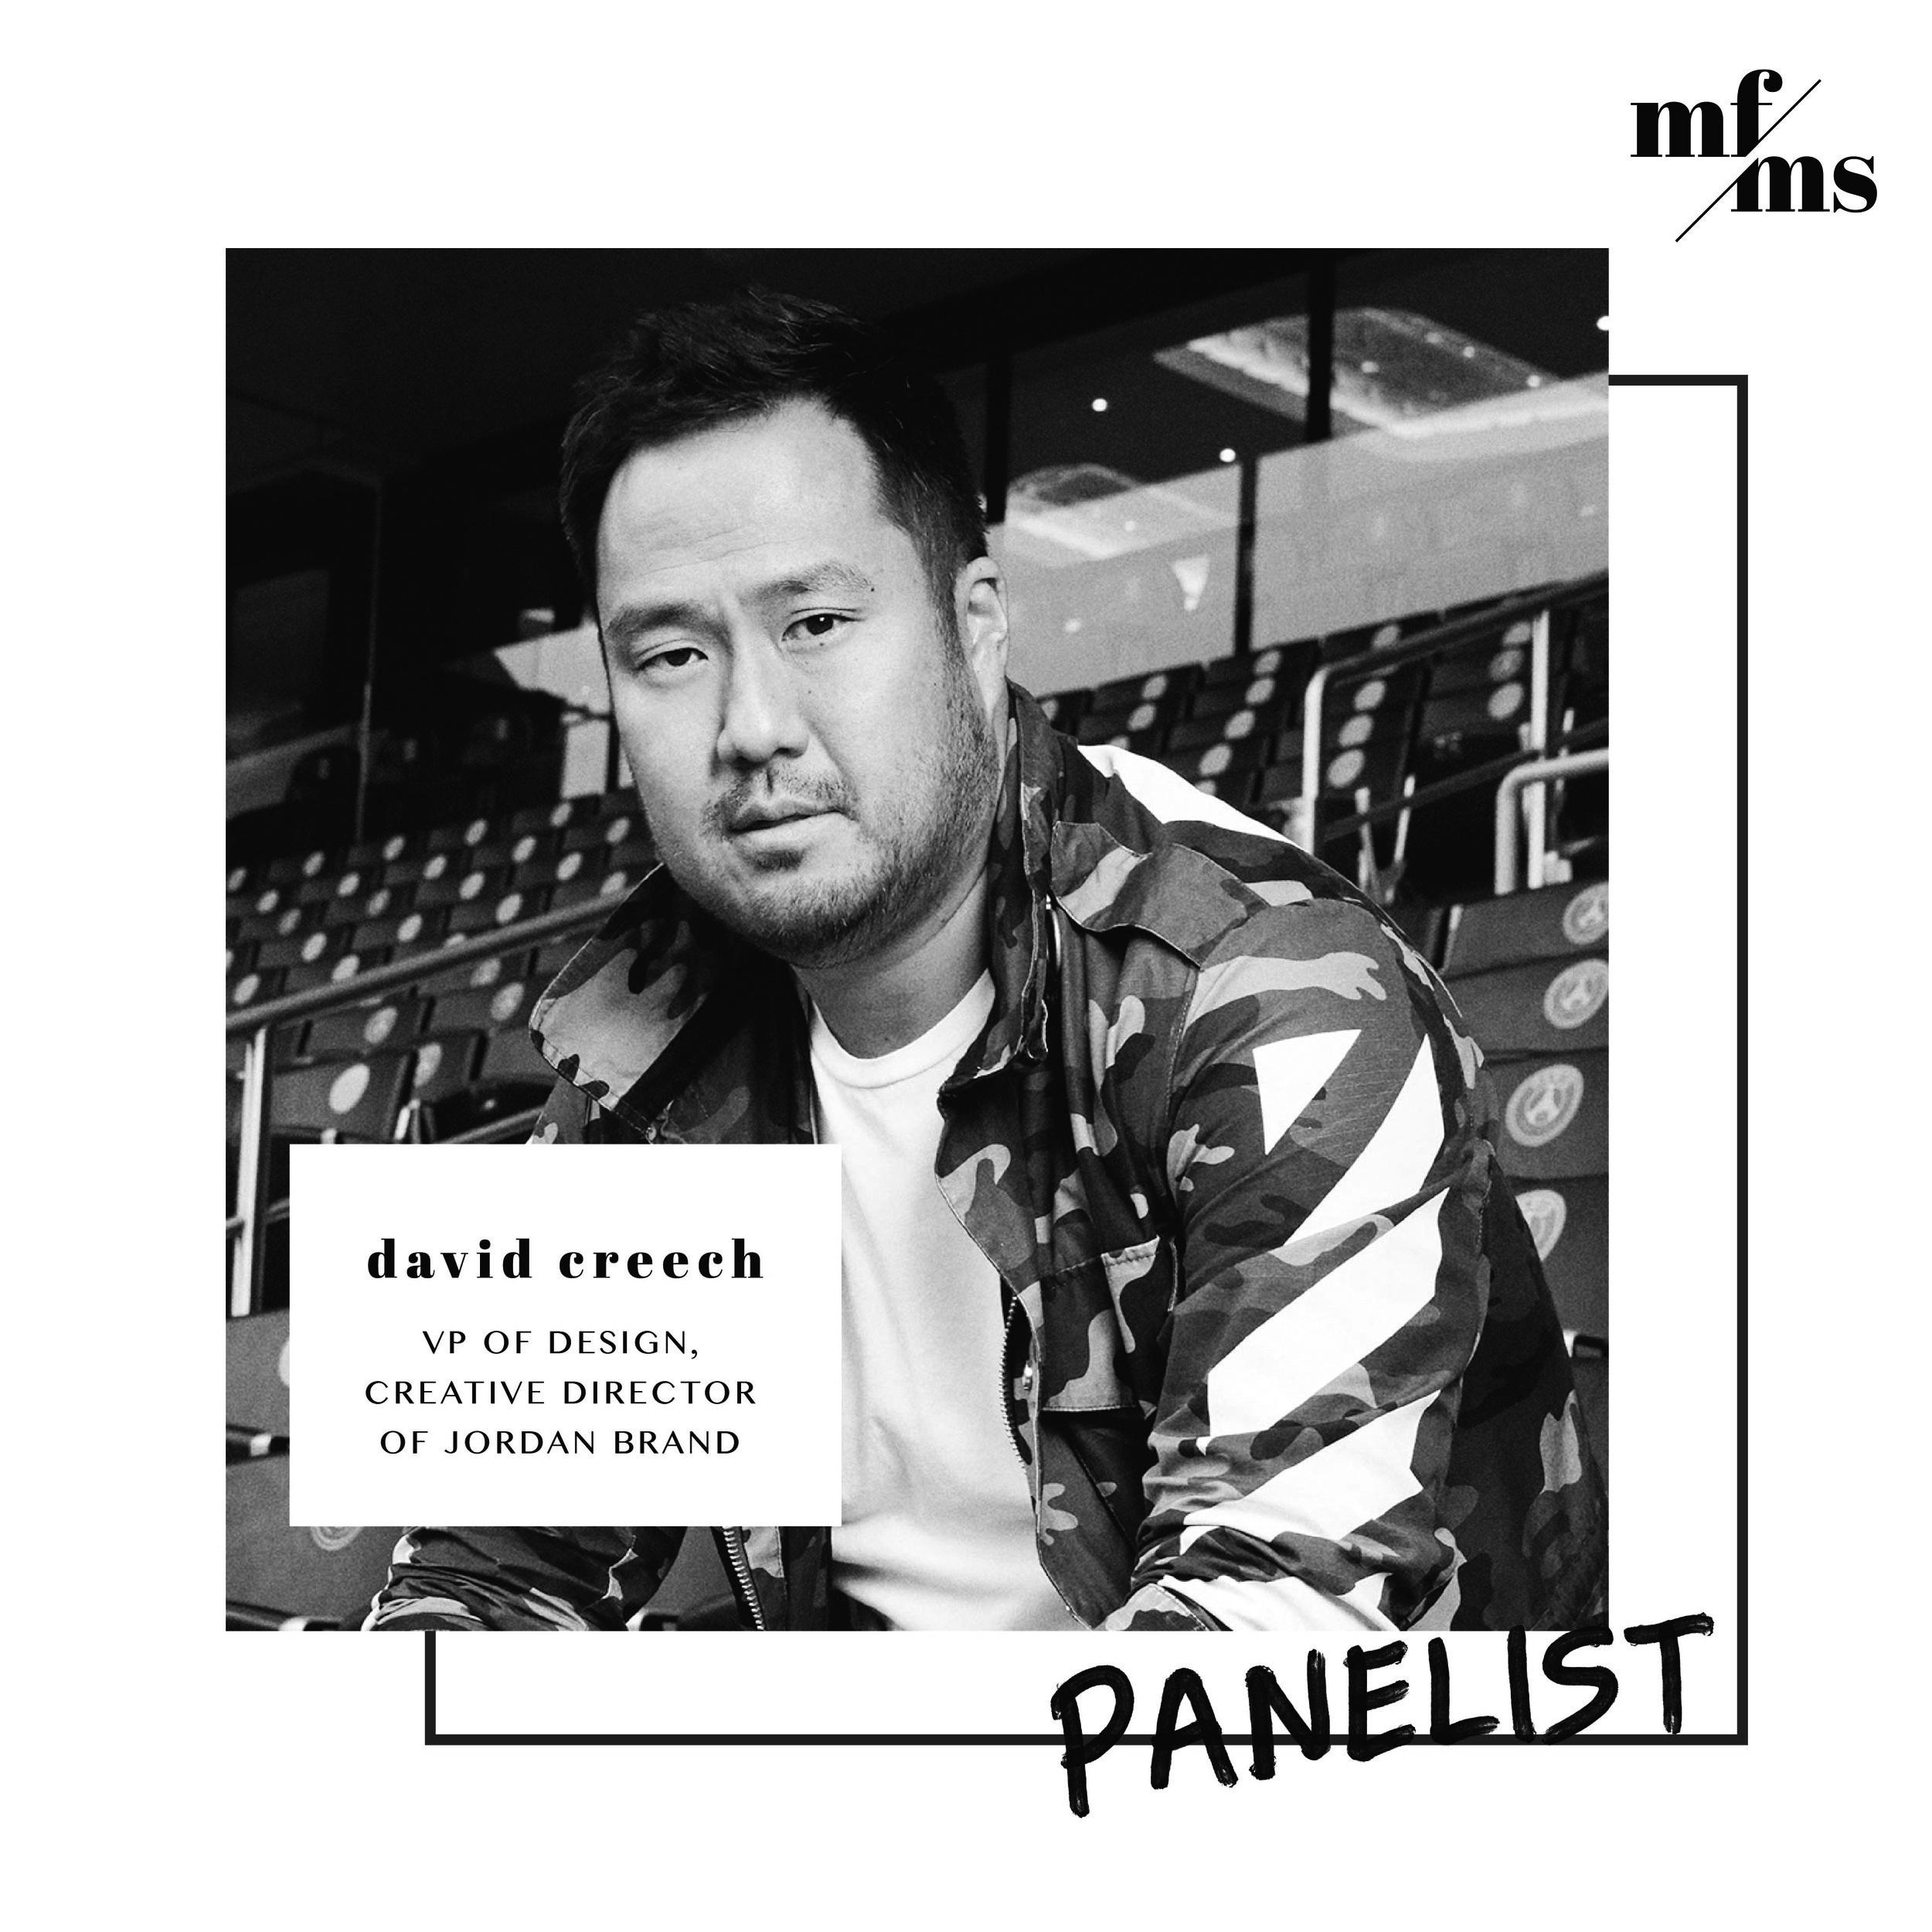 DavidCreech-01-01.jpg